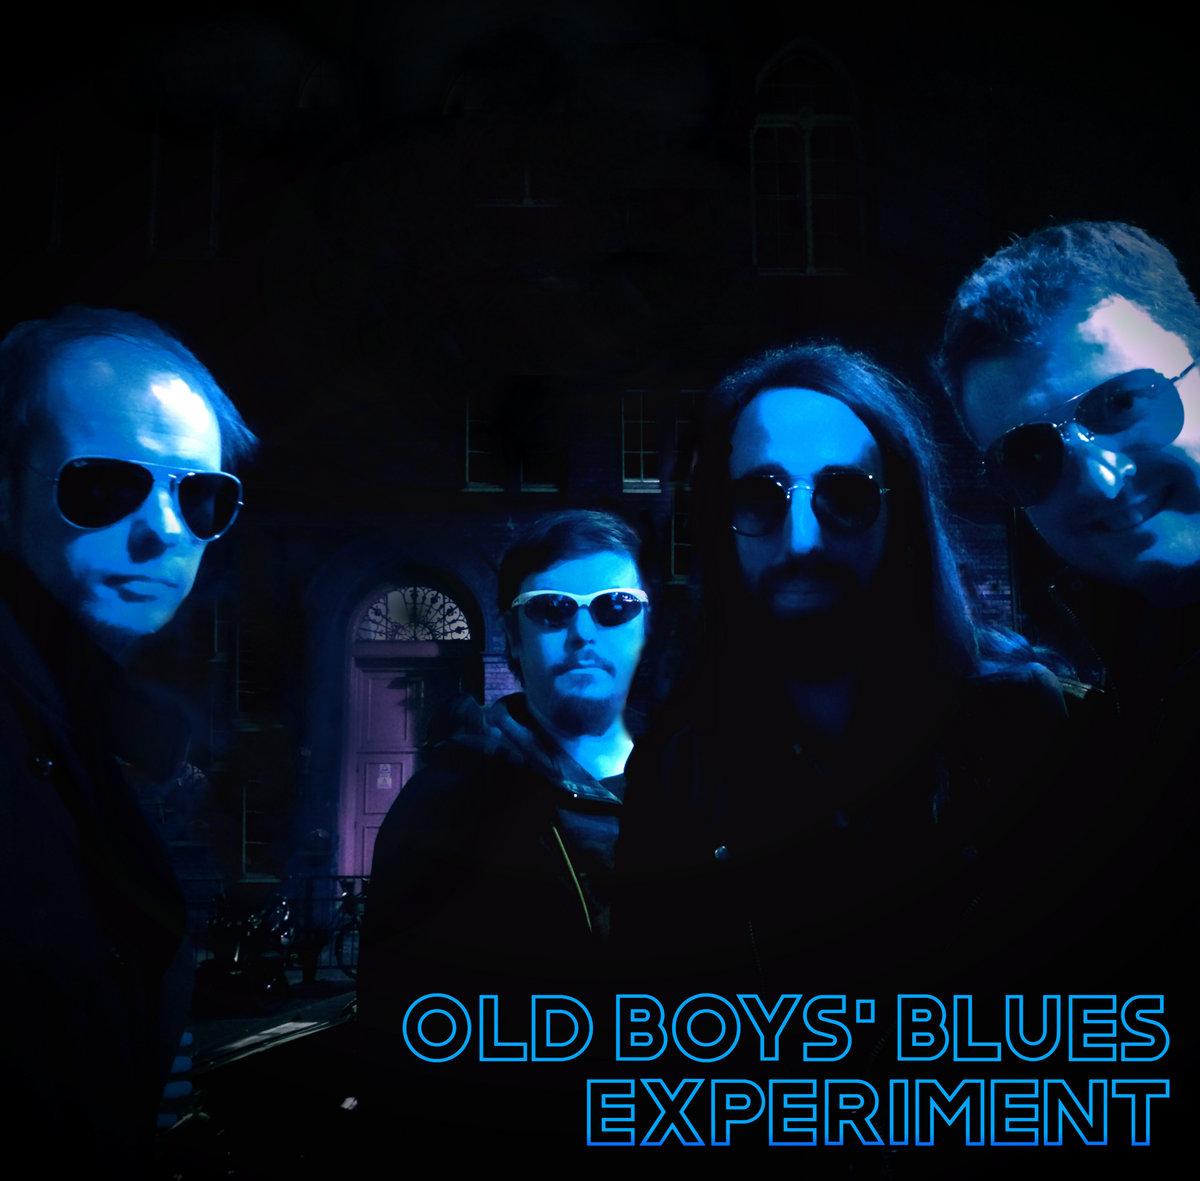 Reseña: OLD BOYS' BLUES EXPERIMENT.- 'Old Boys' Blues Experiment'